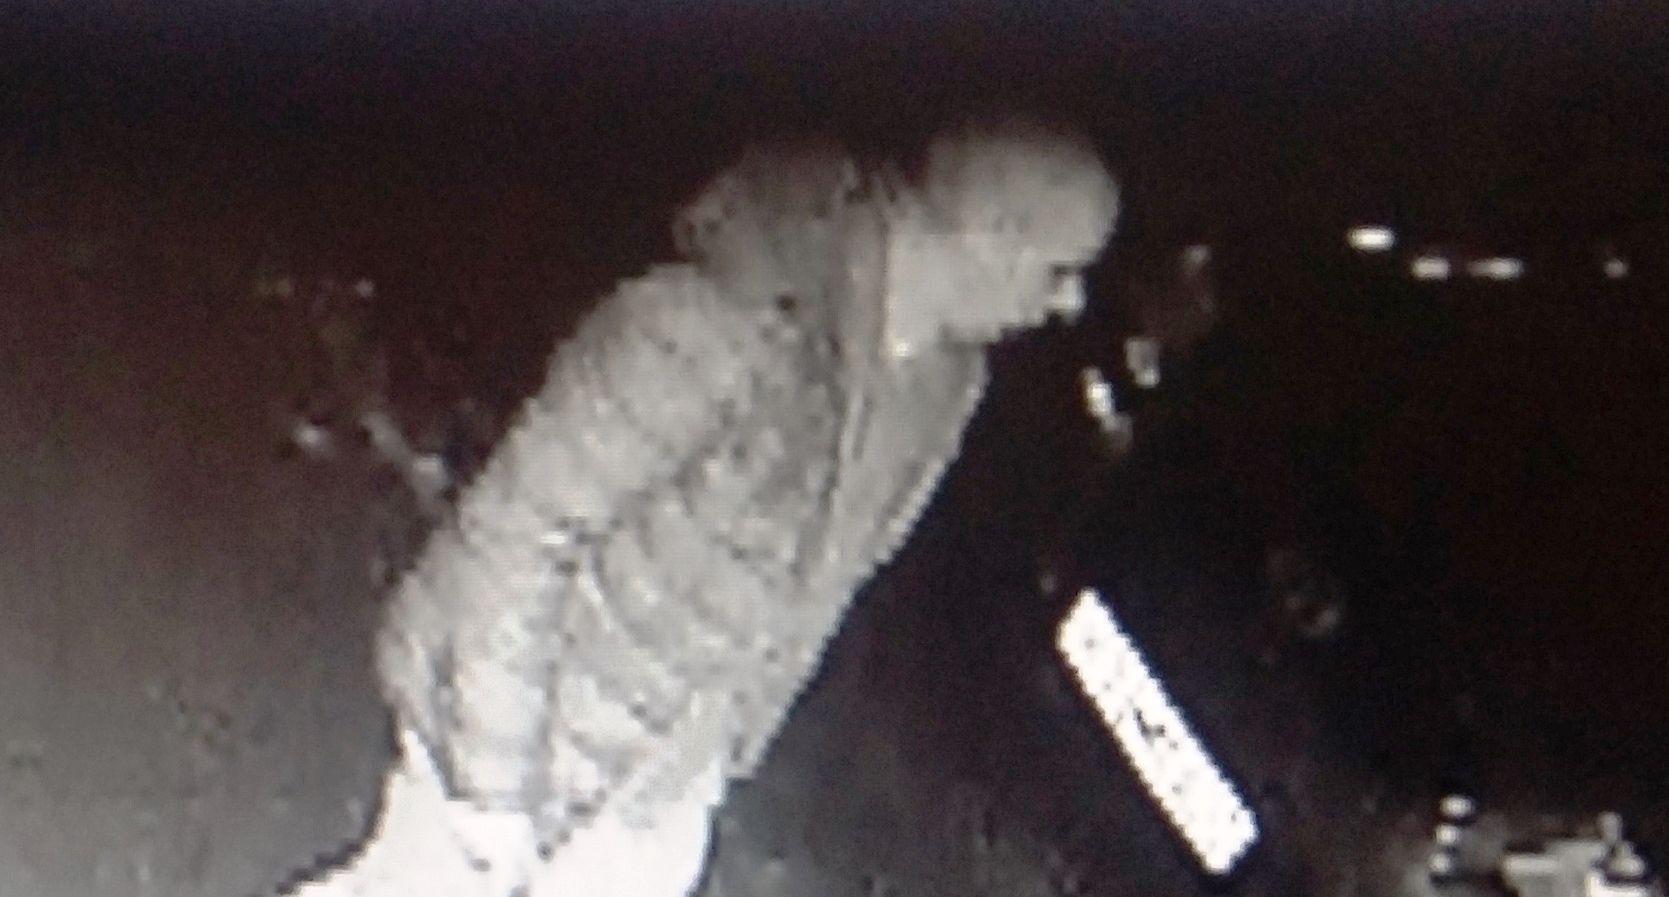 Policjanci poszukują sprawcy uszkodzenia bankomatu. Kto rozpoznaje tego mężczyznę?